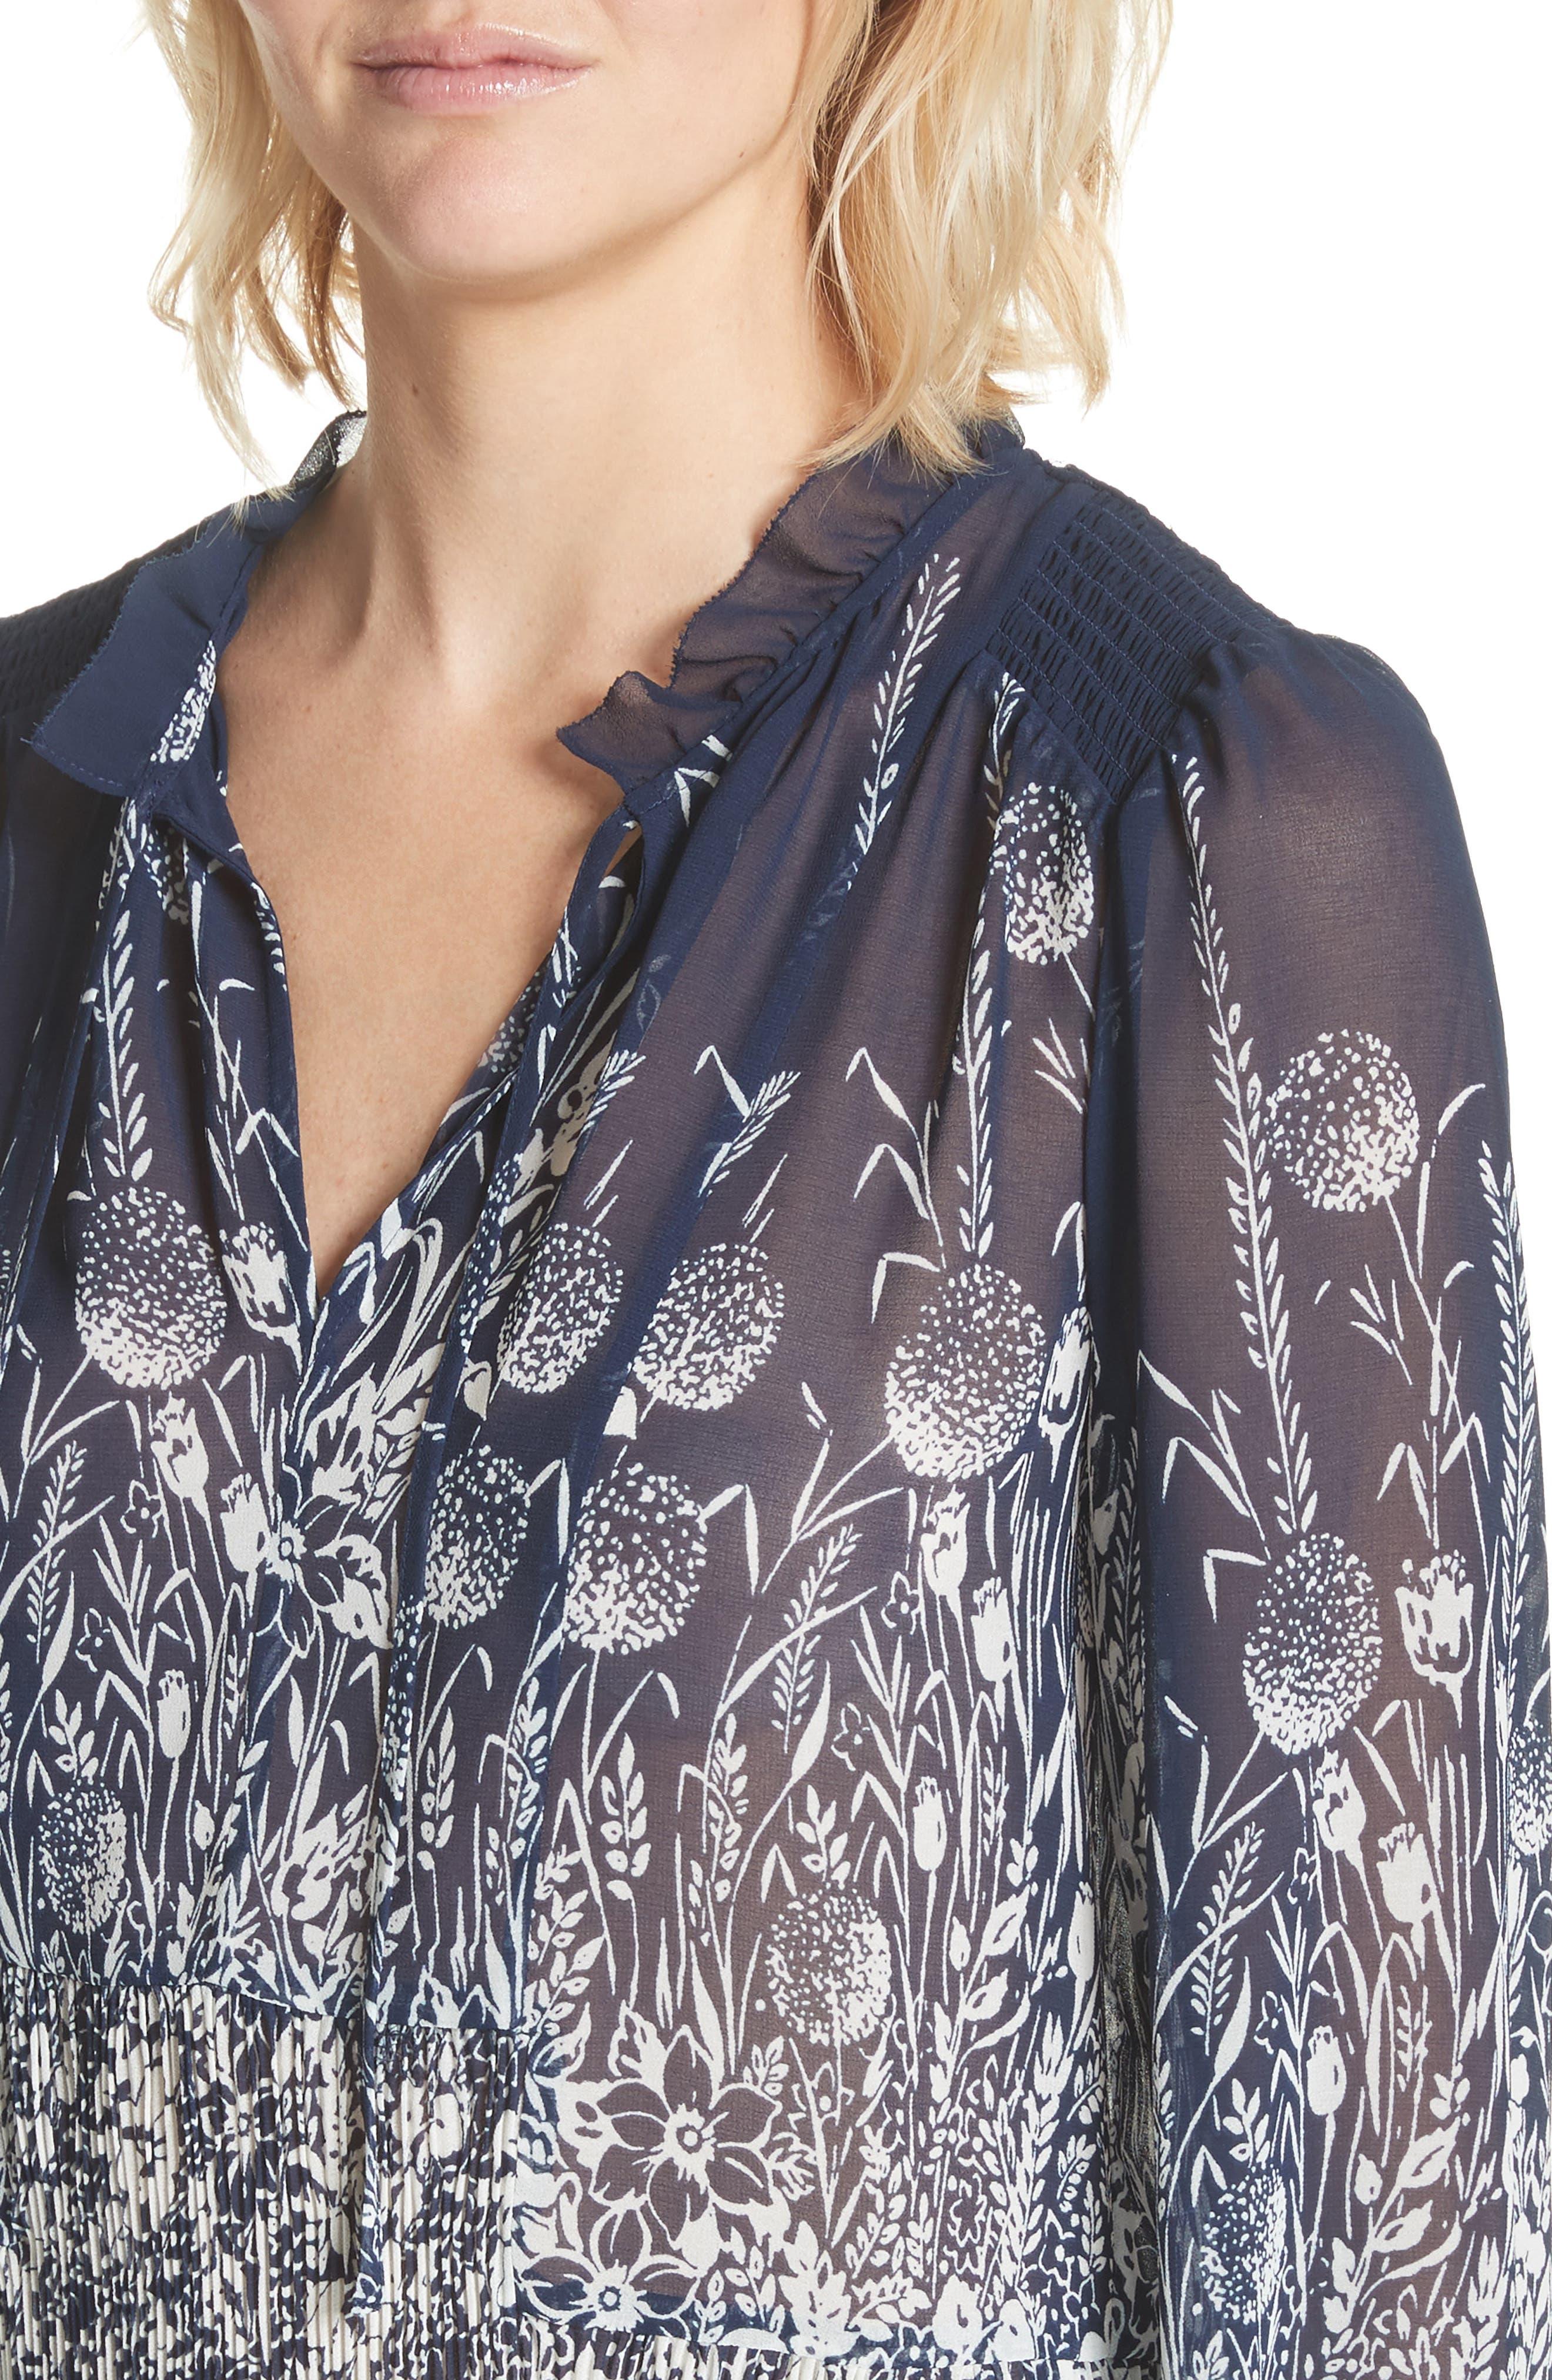 Rita Floral Top,                             Alternate thumbnail 4, color,